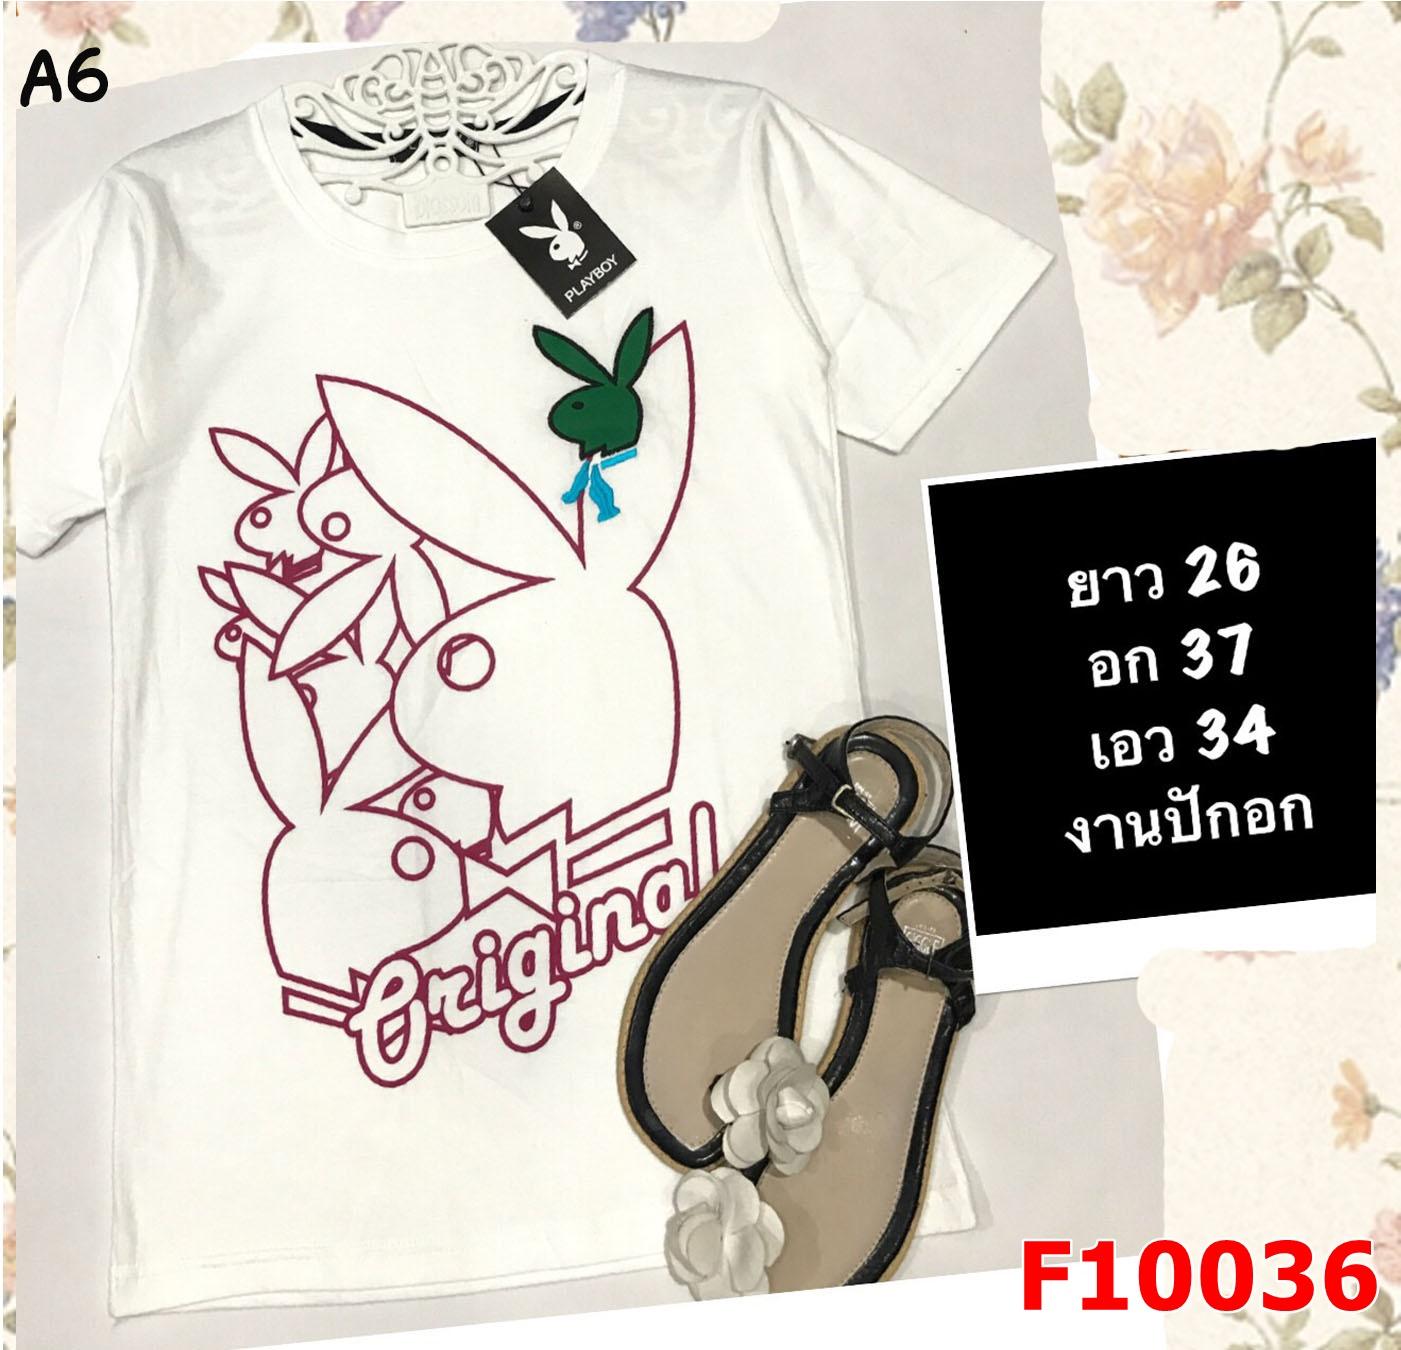 F10036 เสื้อยืด แขนสั้น สกรีนลาย กระต่าย PLAY BOY(งานปักอก) สีขาว